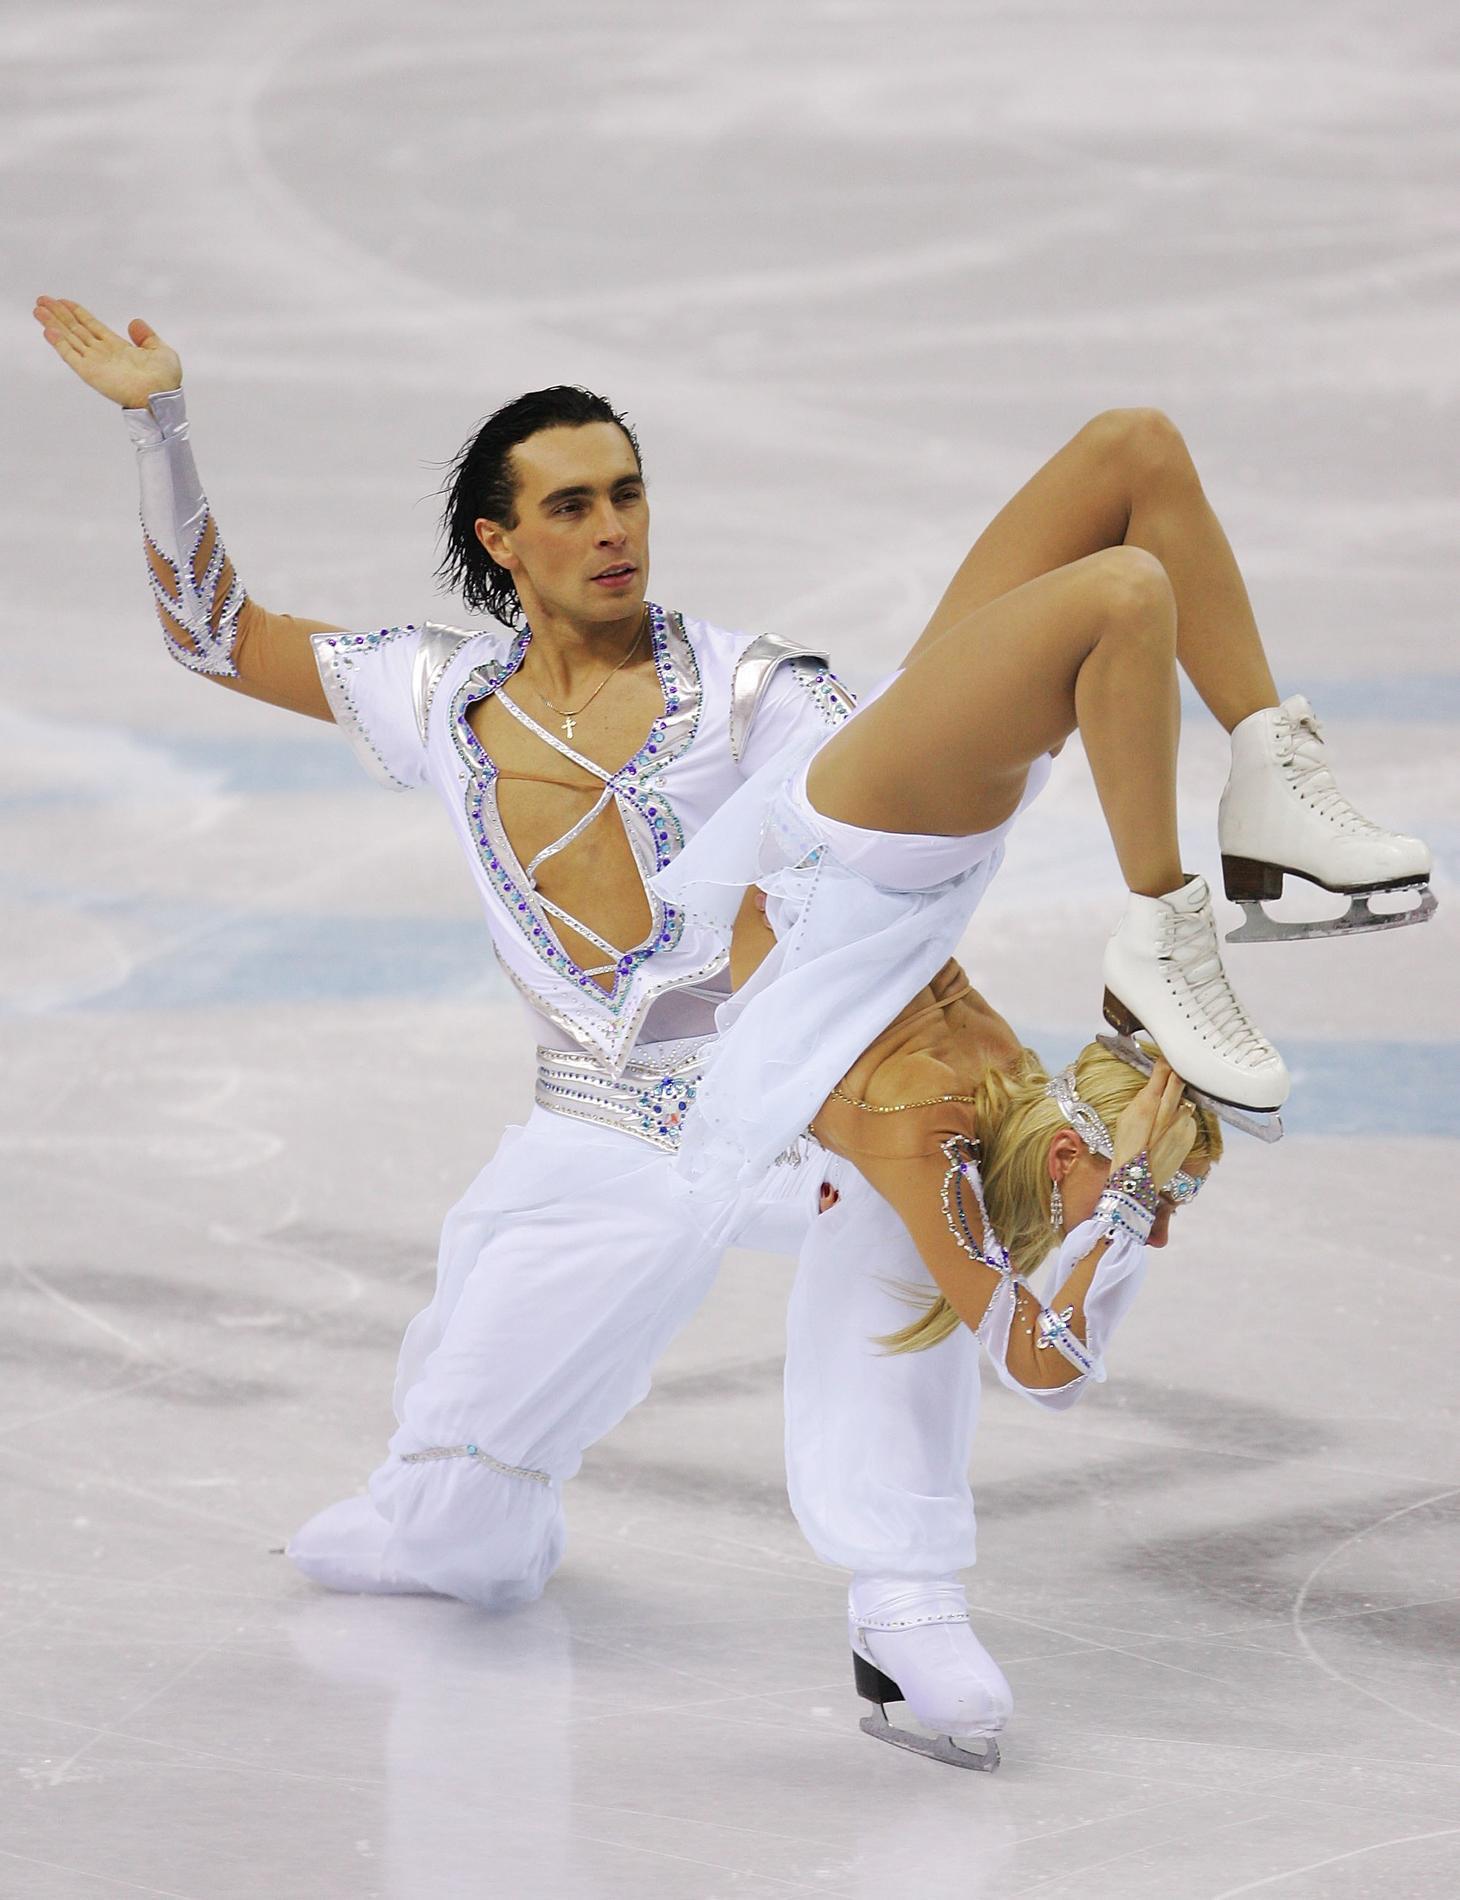 Les tenues de patinage artistique les plus improbables repérées aux Jeux  olympiques - . cb85f470ccd